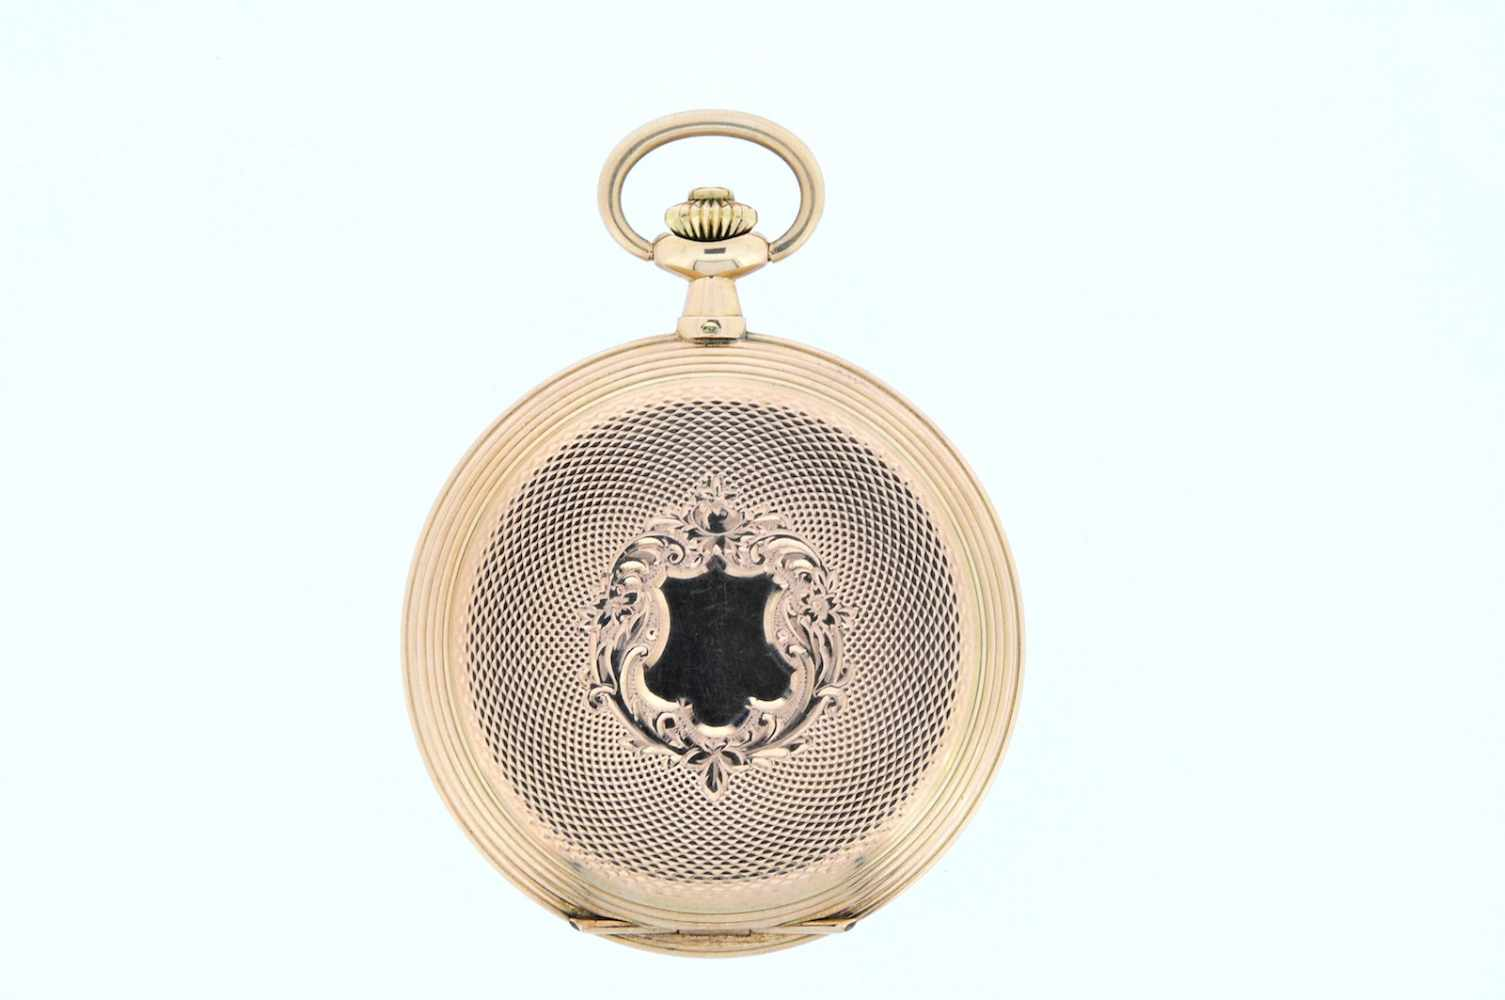 Goldene Herrentaschenuhr Goldene Herrentaschenuhr mit kleiner Sekunde, Elegancia, Breguetspirale, - Bild 2 aus 4